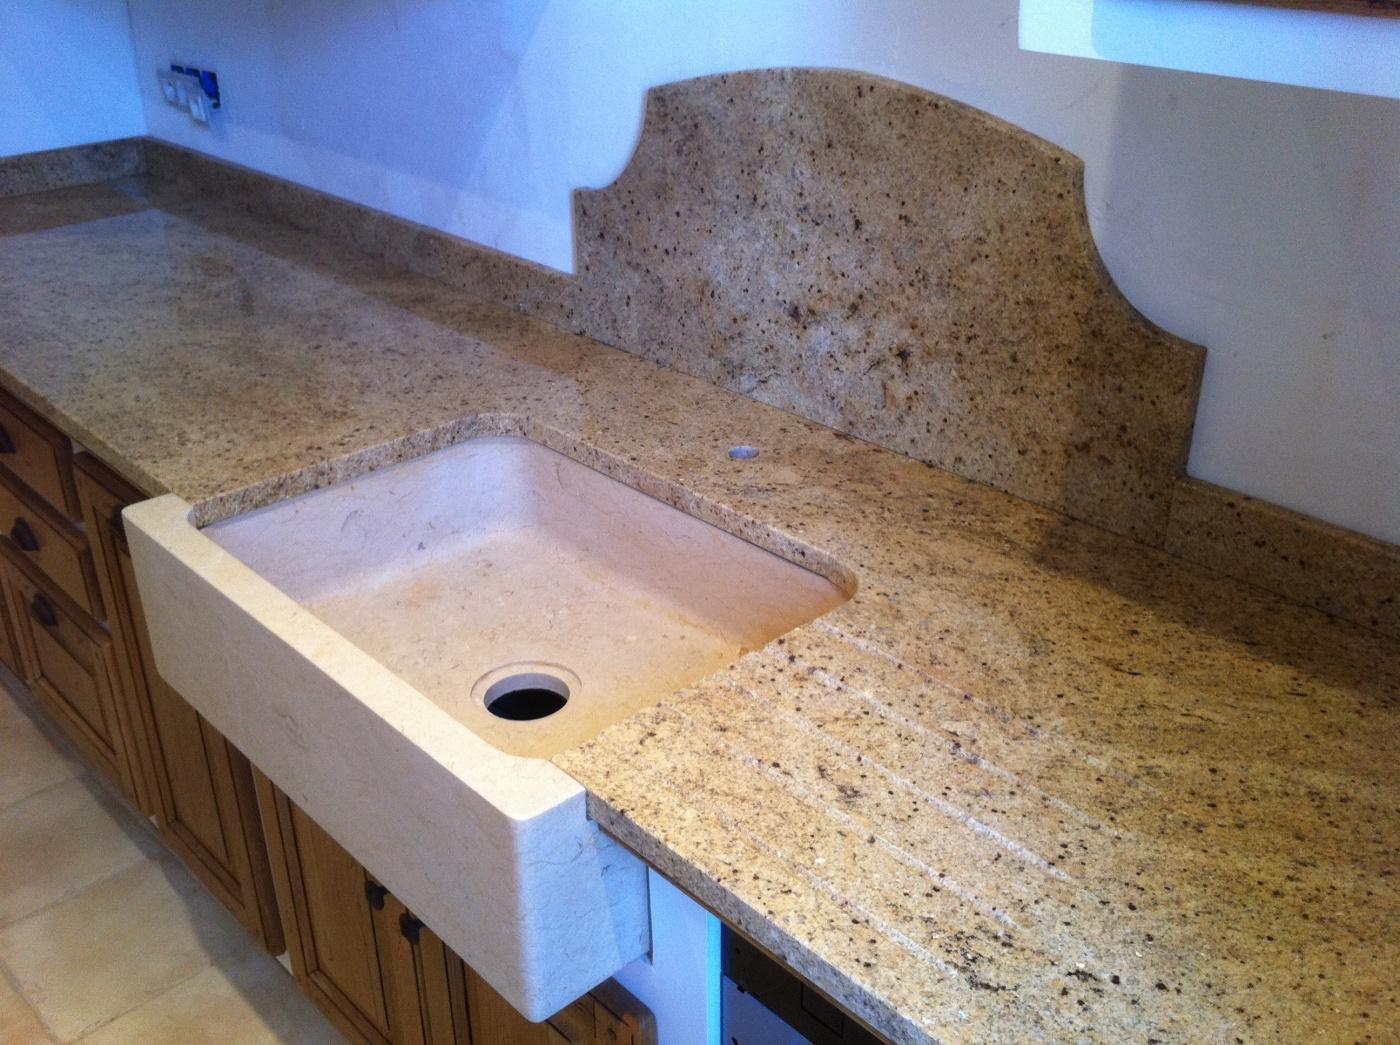 Plan de travail en granit Kashmir Gold avec vasque massive en pierre Jaune Atlantide.  Projet réalisé à Brignoles (83) Cuisines BOLLERY.